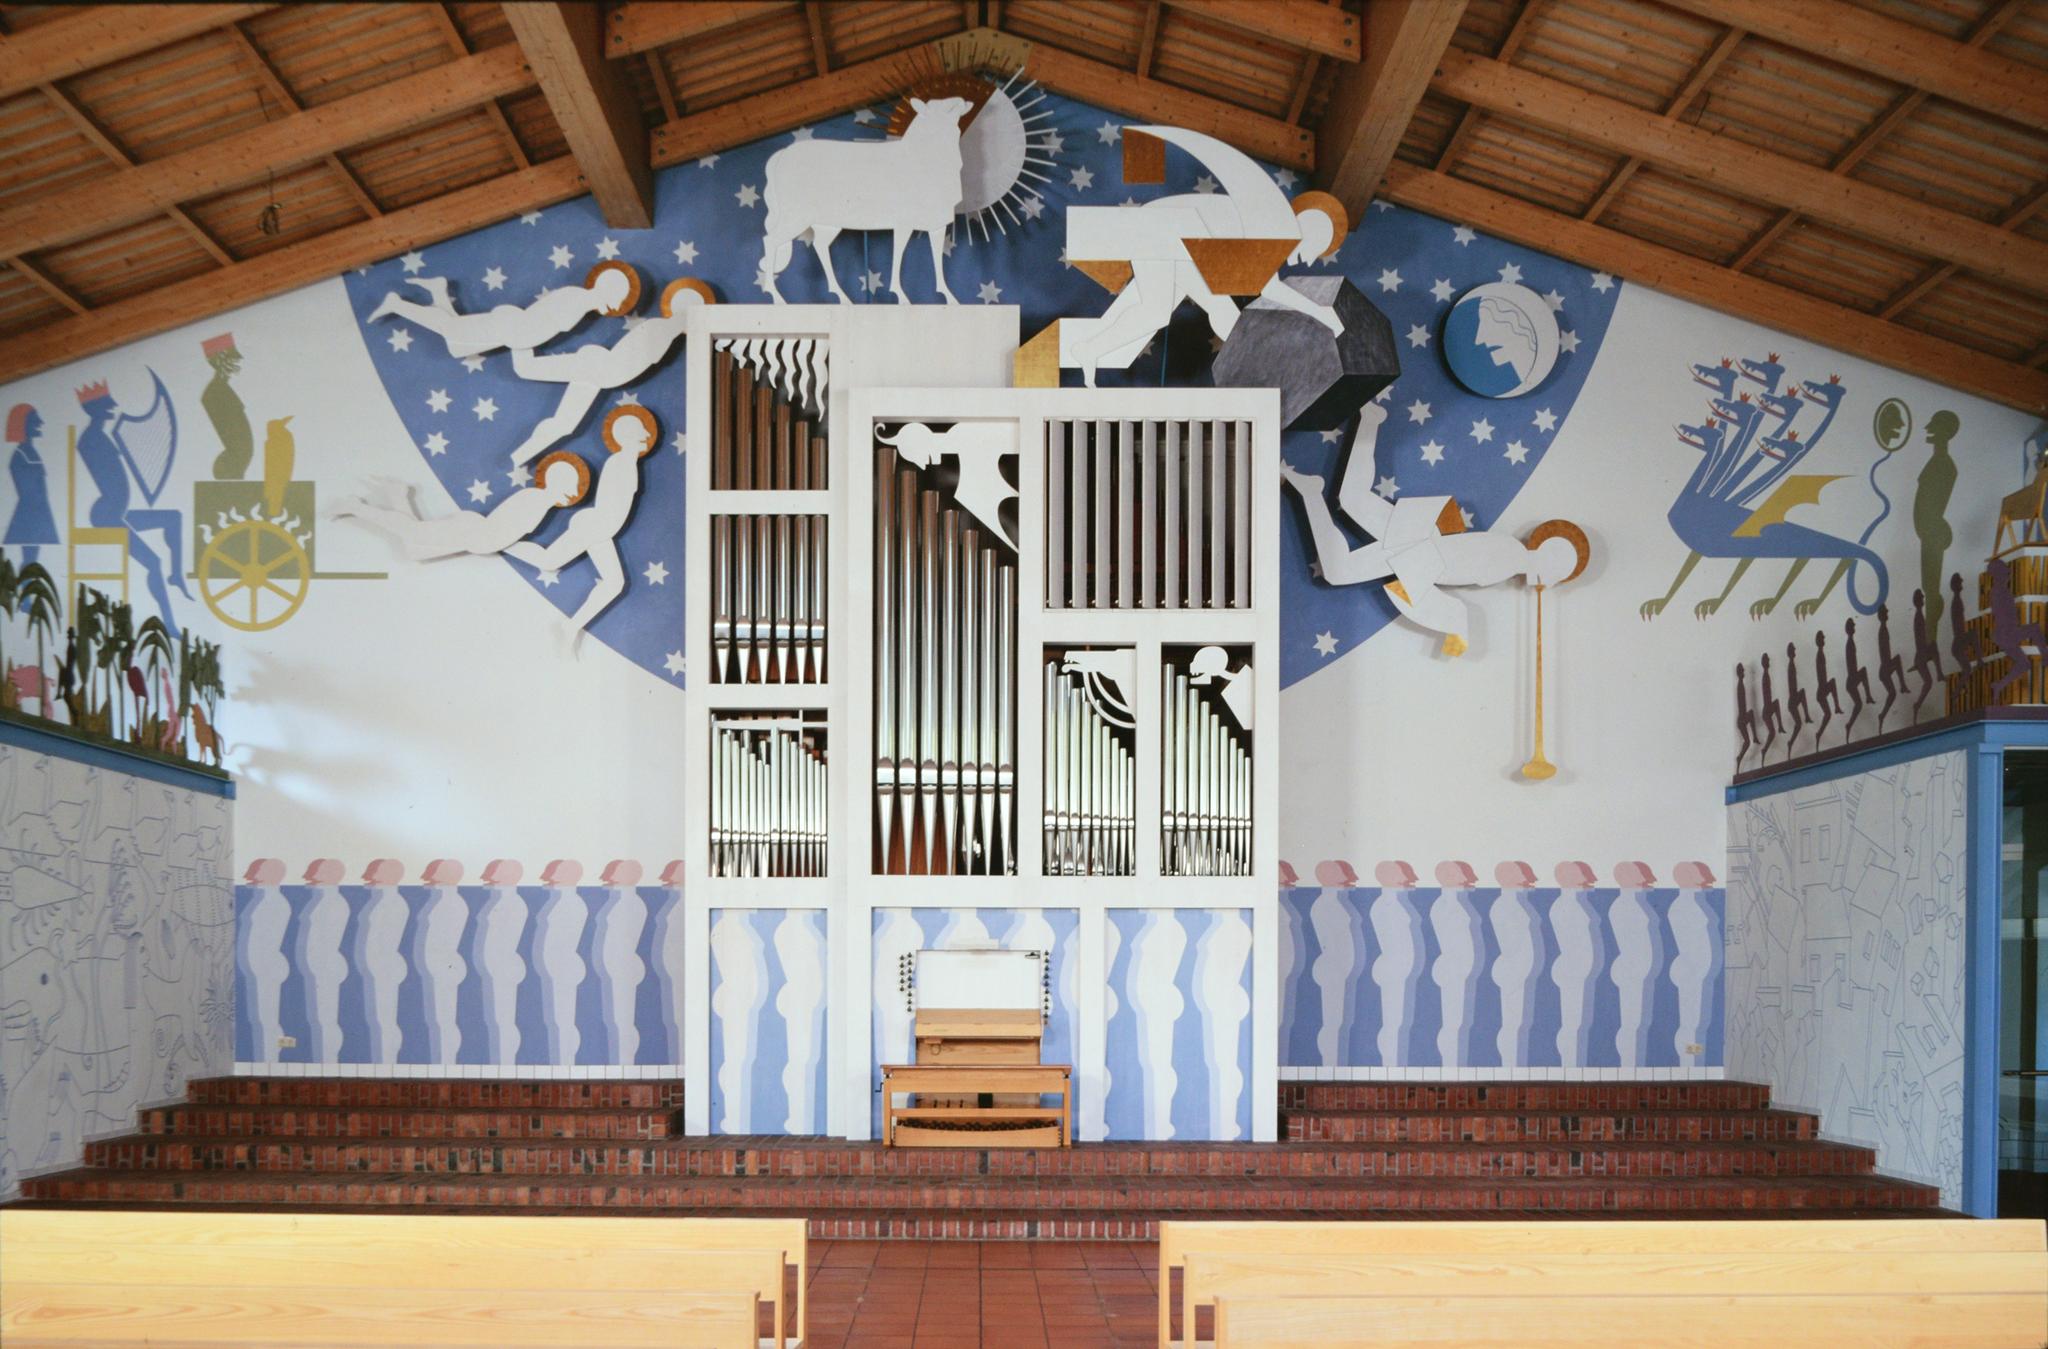 Mur du fond: Apocalypse et buffet d'orgues, 1994 - Foto Hadler